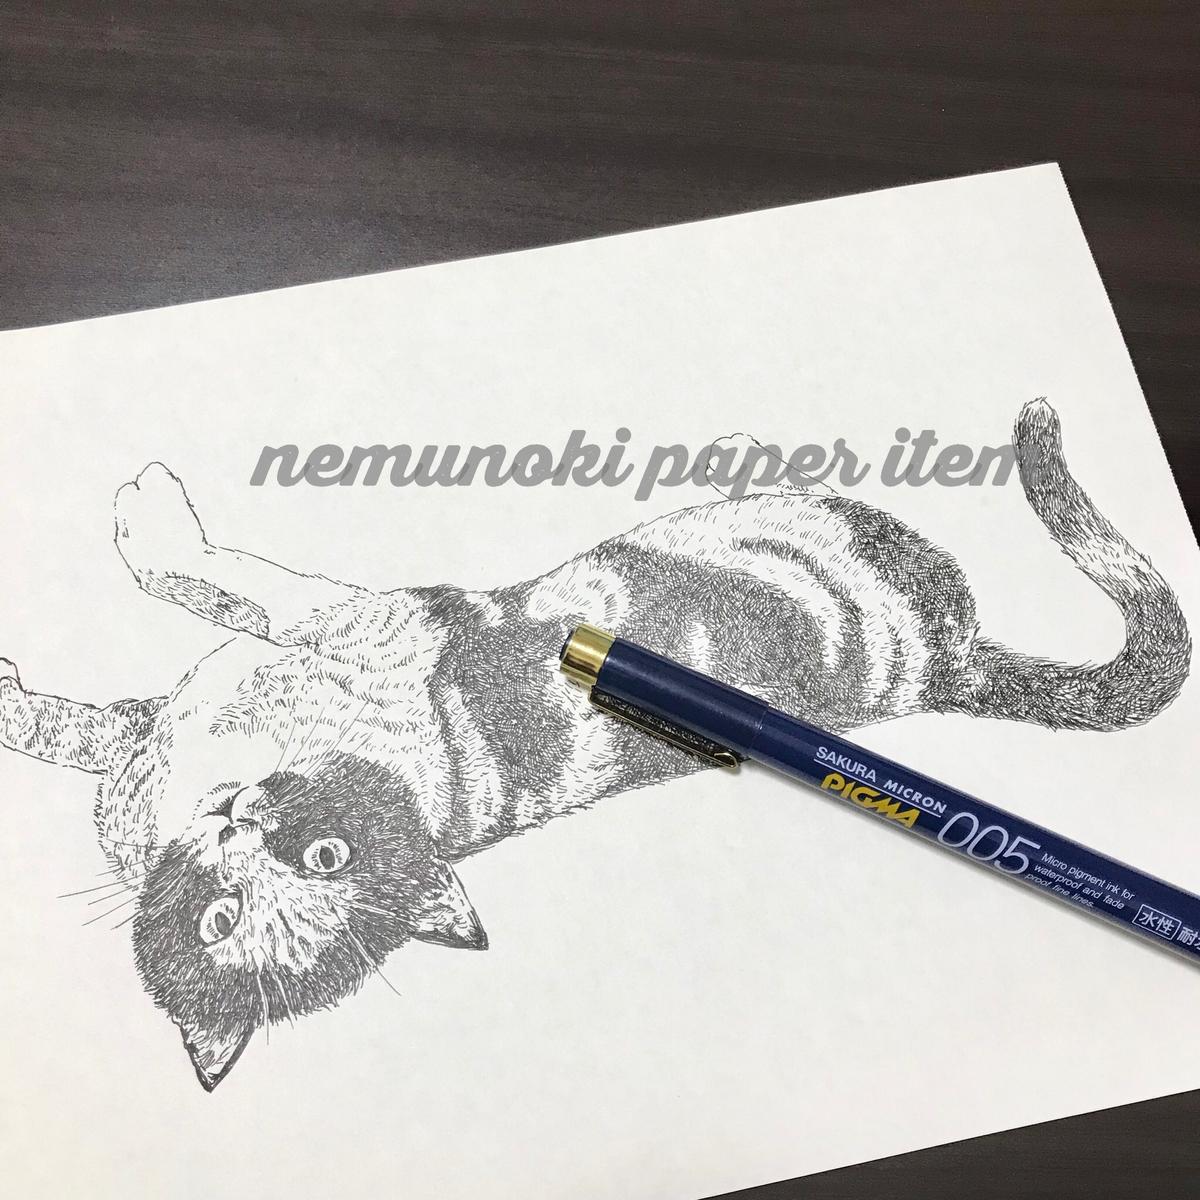 f:id:nemunoki-letter:20190914192450j:plain